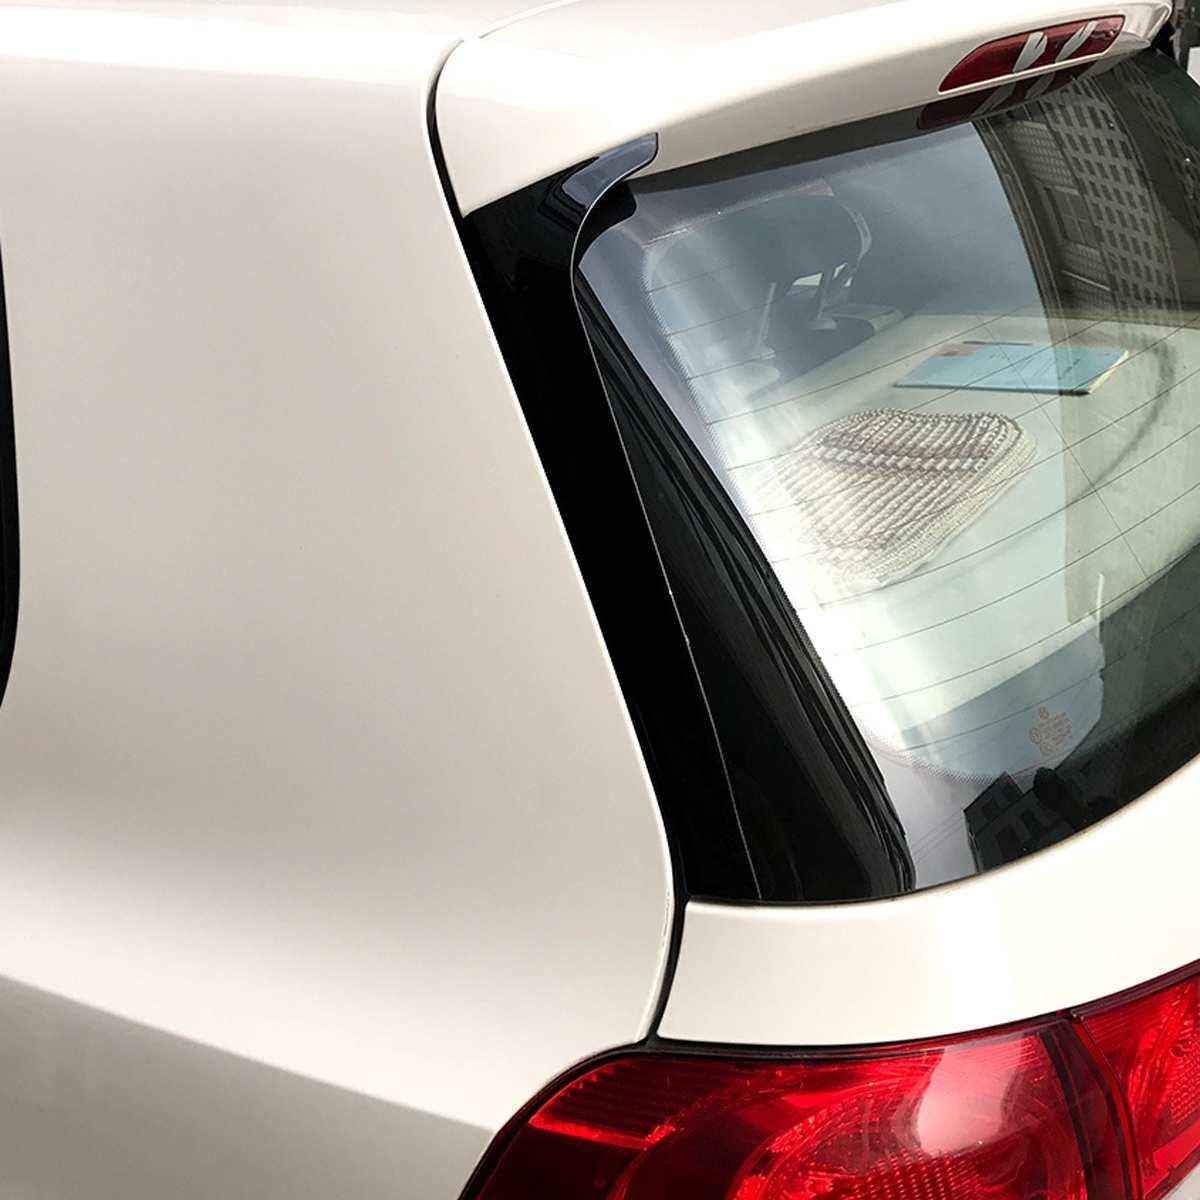 2 PCS/lot voiture côté Spoiler autocollants revêtement d'habillage Accessoires Auto style pour VW Golf 6 MK6 2008-2013 pas adapté pour Golf 6 GTI/R!!!